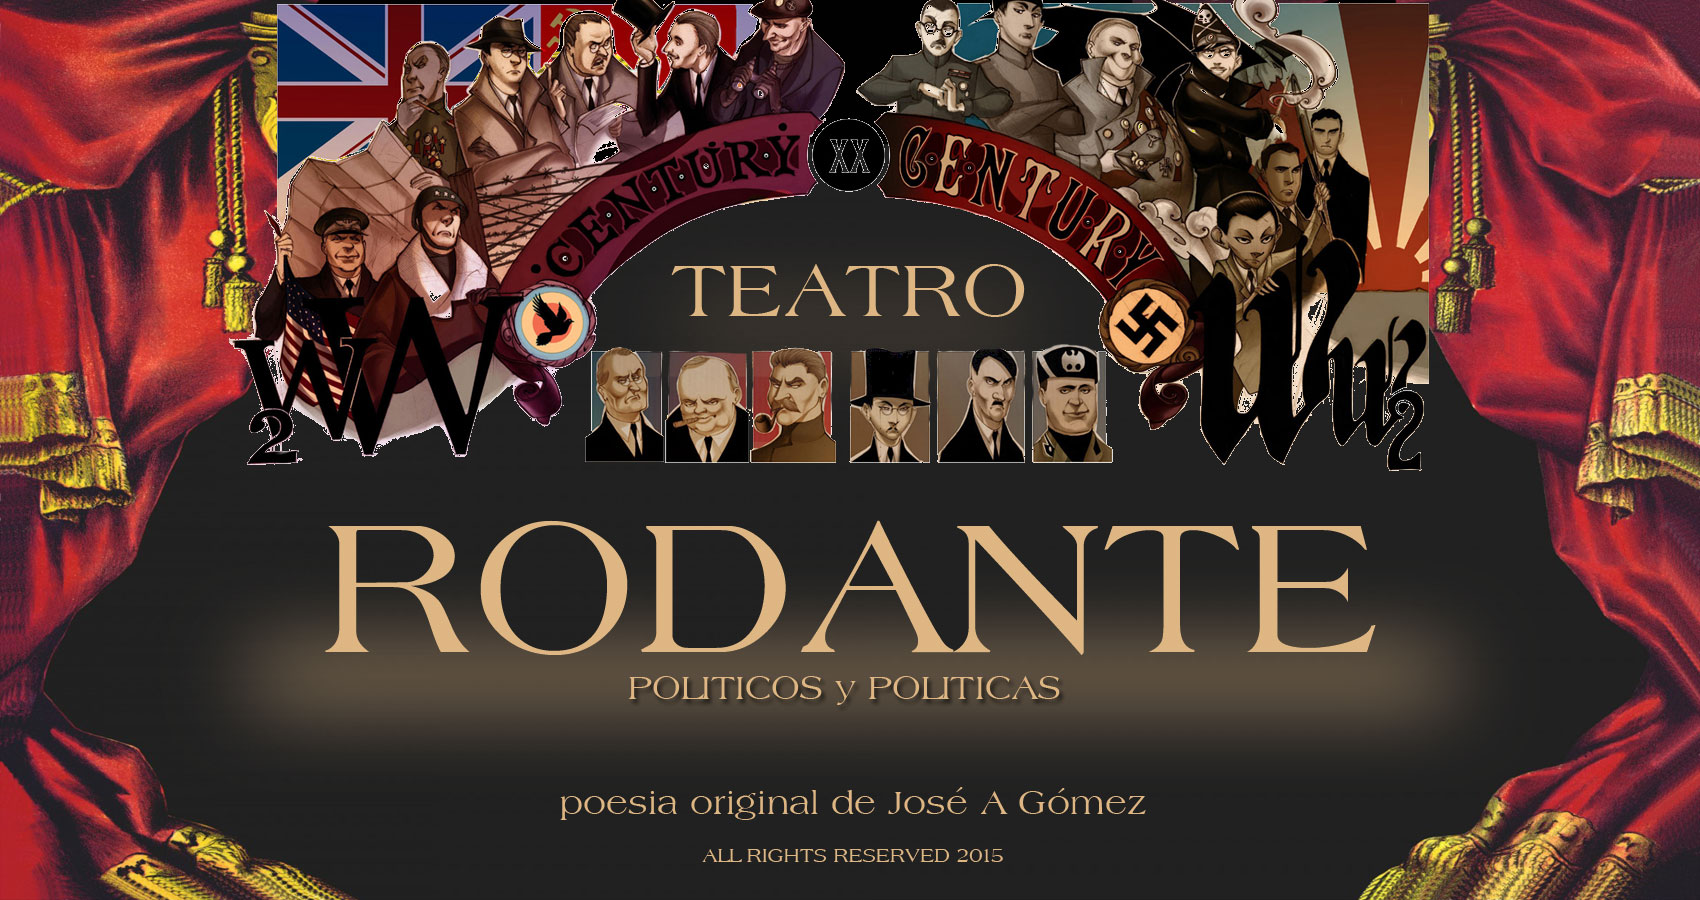 spillwords.com Teatro Rodante by Jose A Gomez